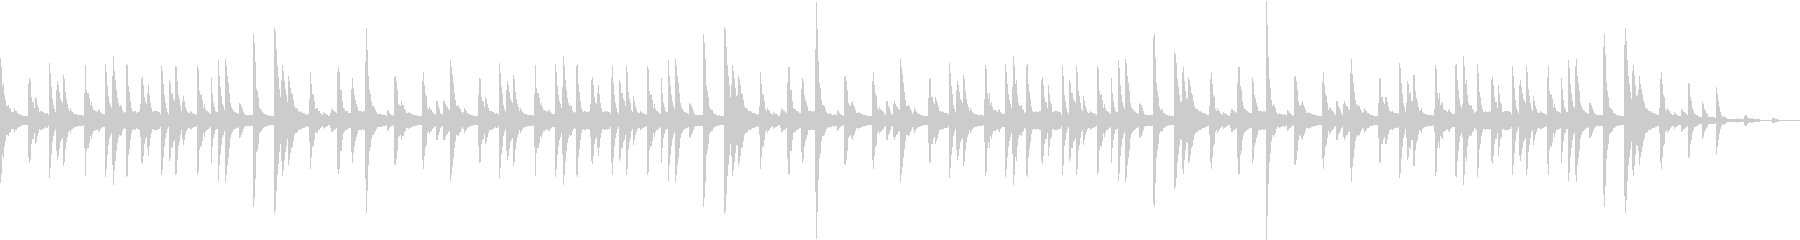 ほのぼのしたCM等に ピアノ調の未再生の波形